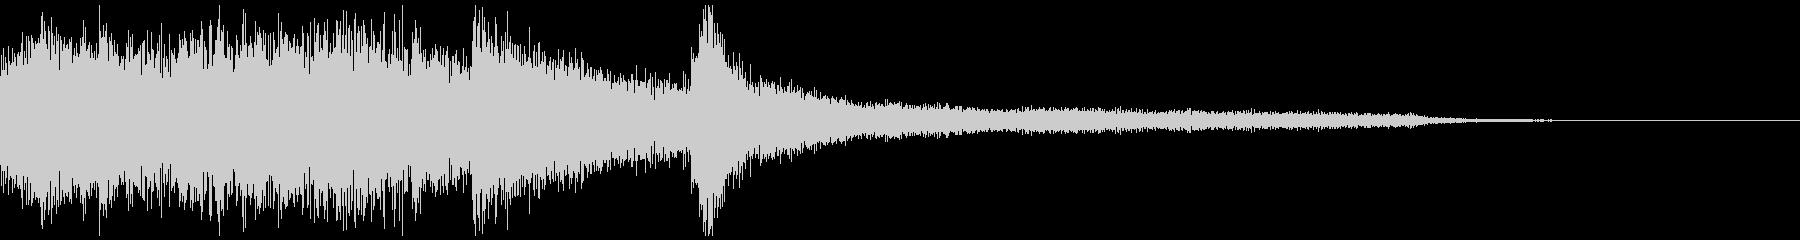 独特なピアノジングルの未再生の波形